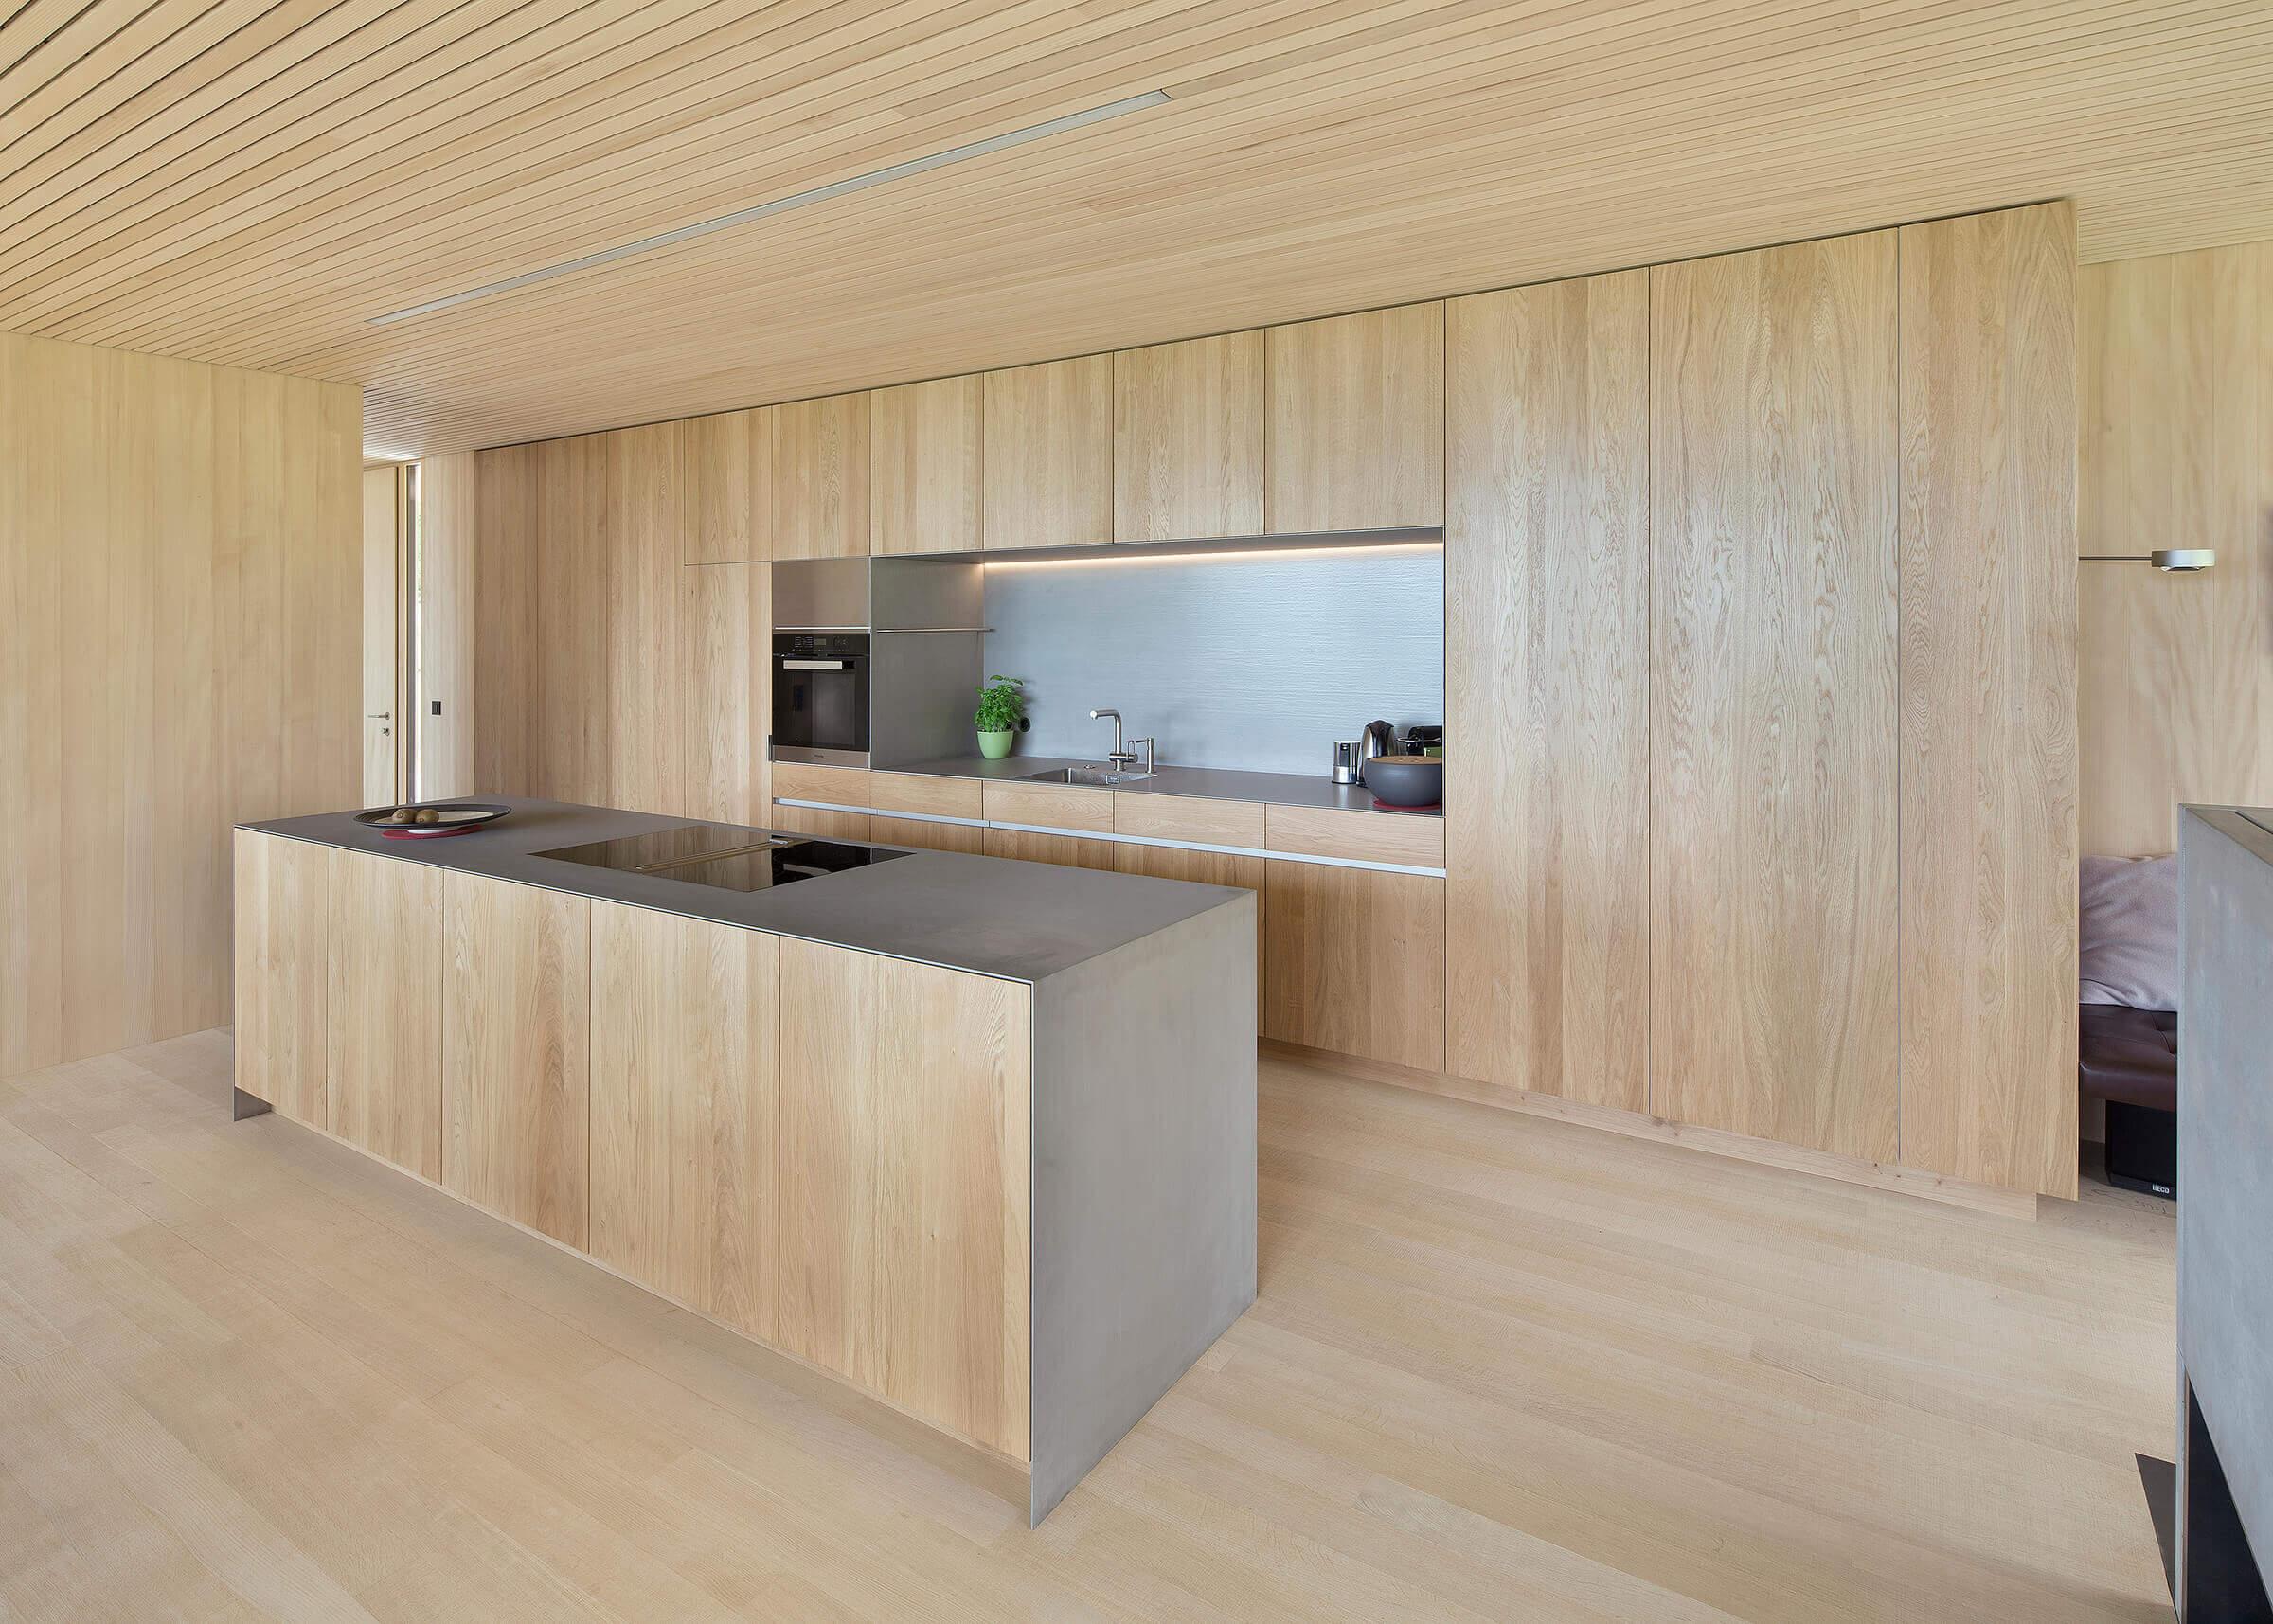 Full Size of Freistehende Küchenschränke Ikea Freistehende Arbeitsplatte Küche Freistehende Küchenherde Freistehende Kücheninsel Küche Freistehende Küche